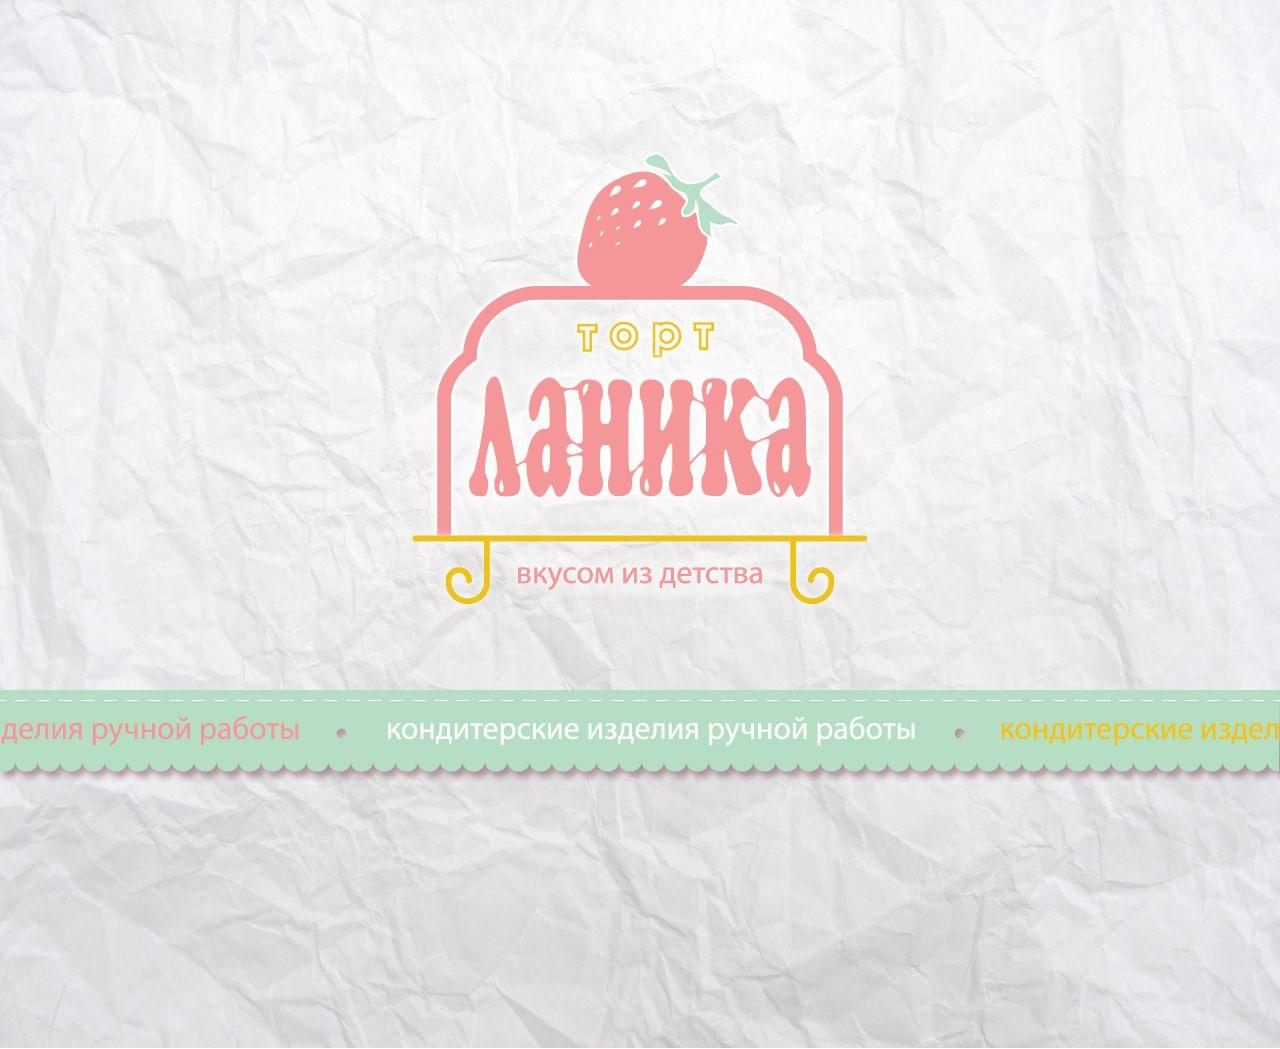 Лого ИМ тортов,пирожных и печенья ручной работы - дизайнер Evzenka